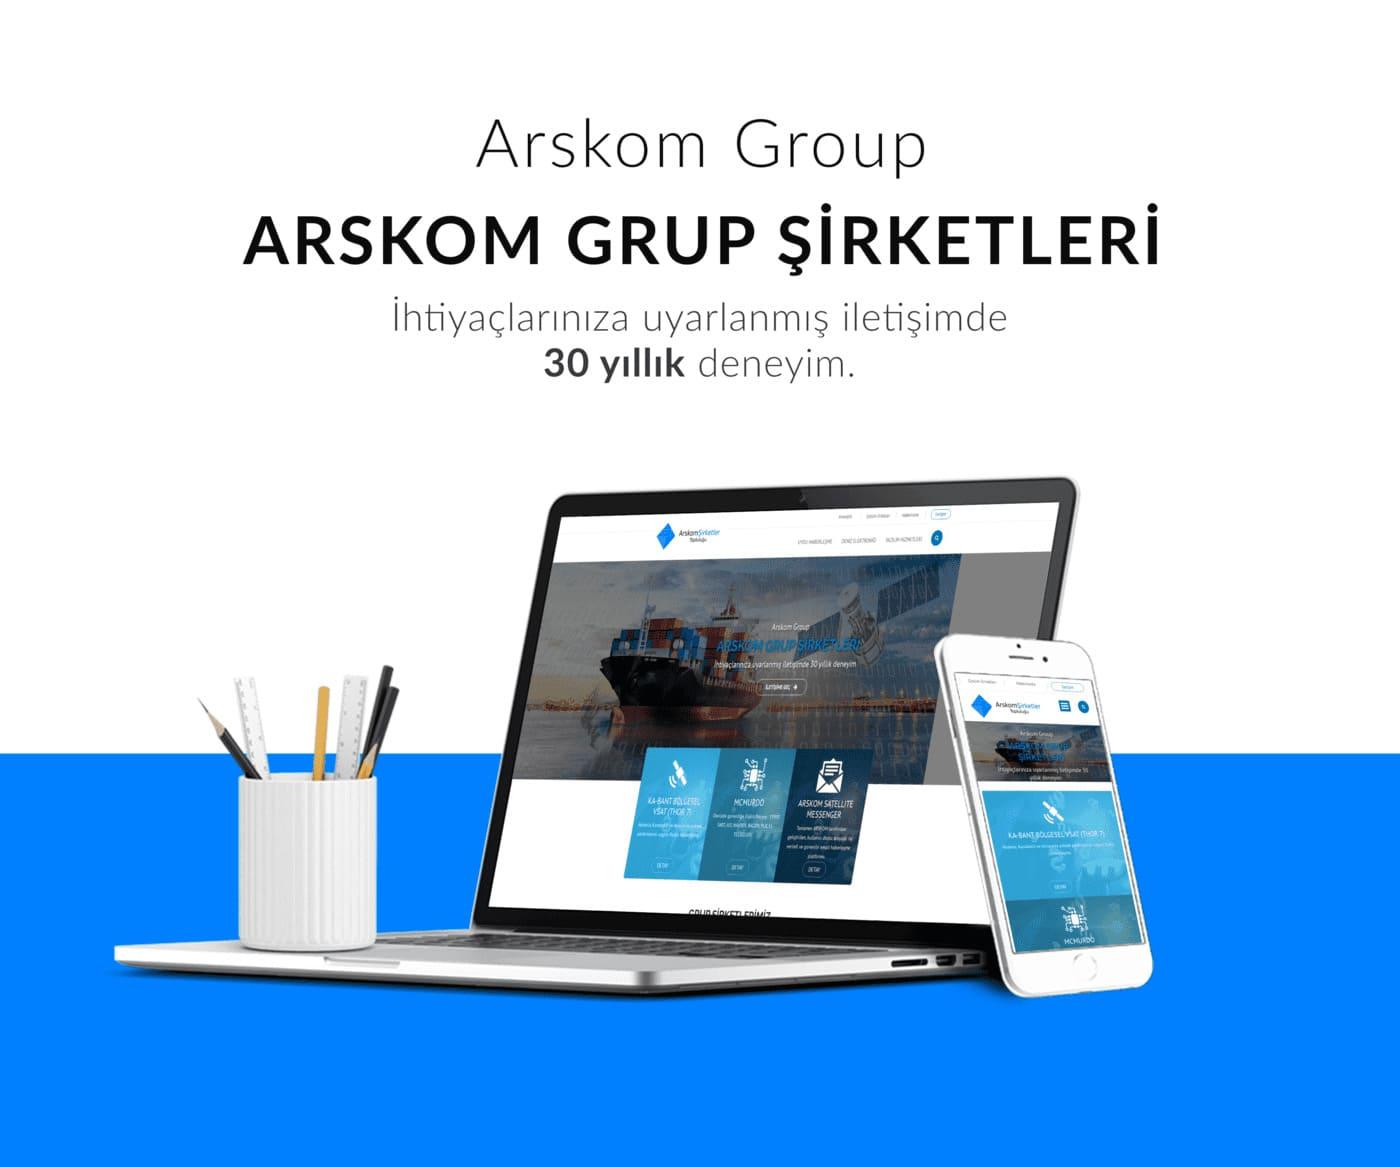 Arskom Grup Şirketleri